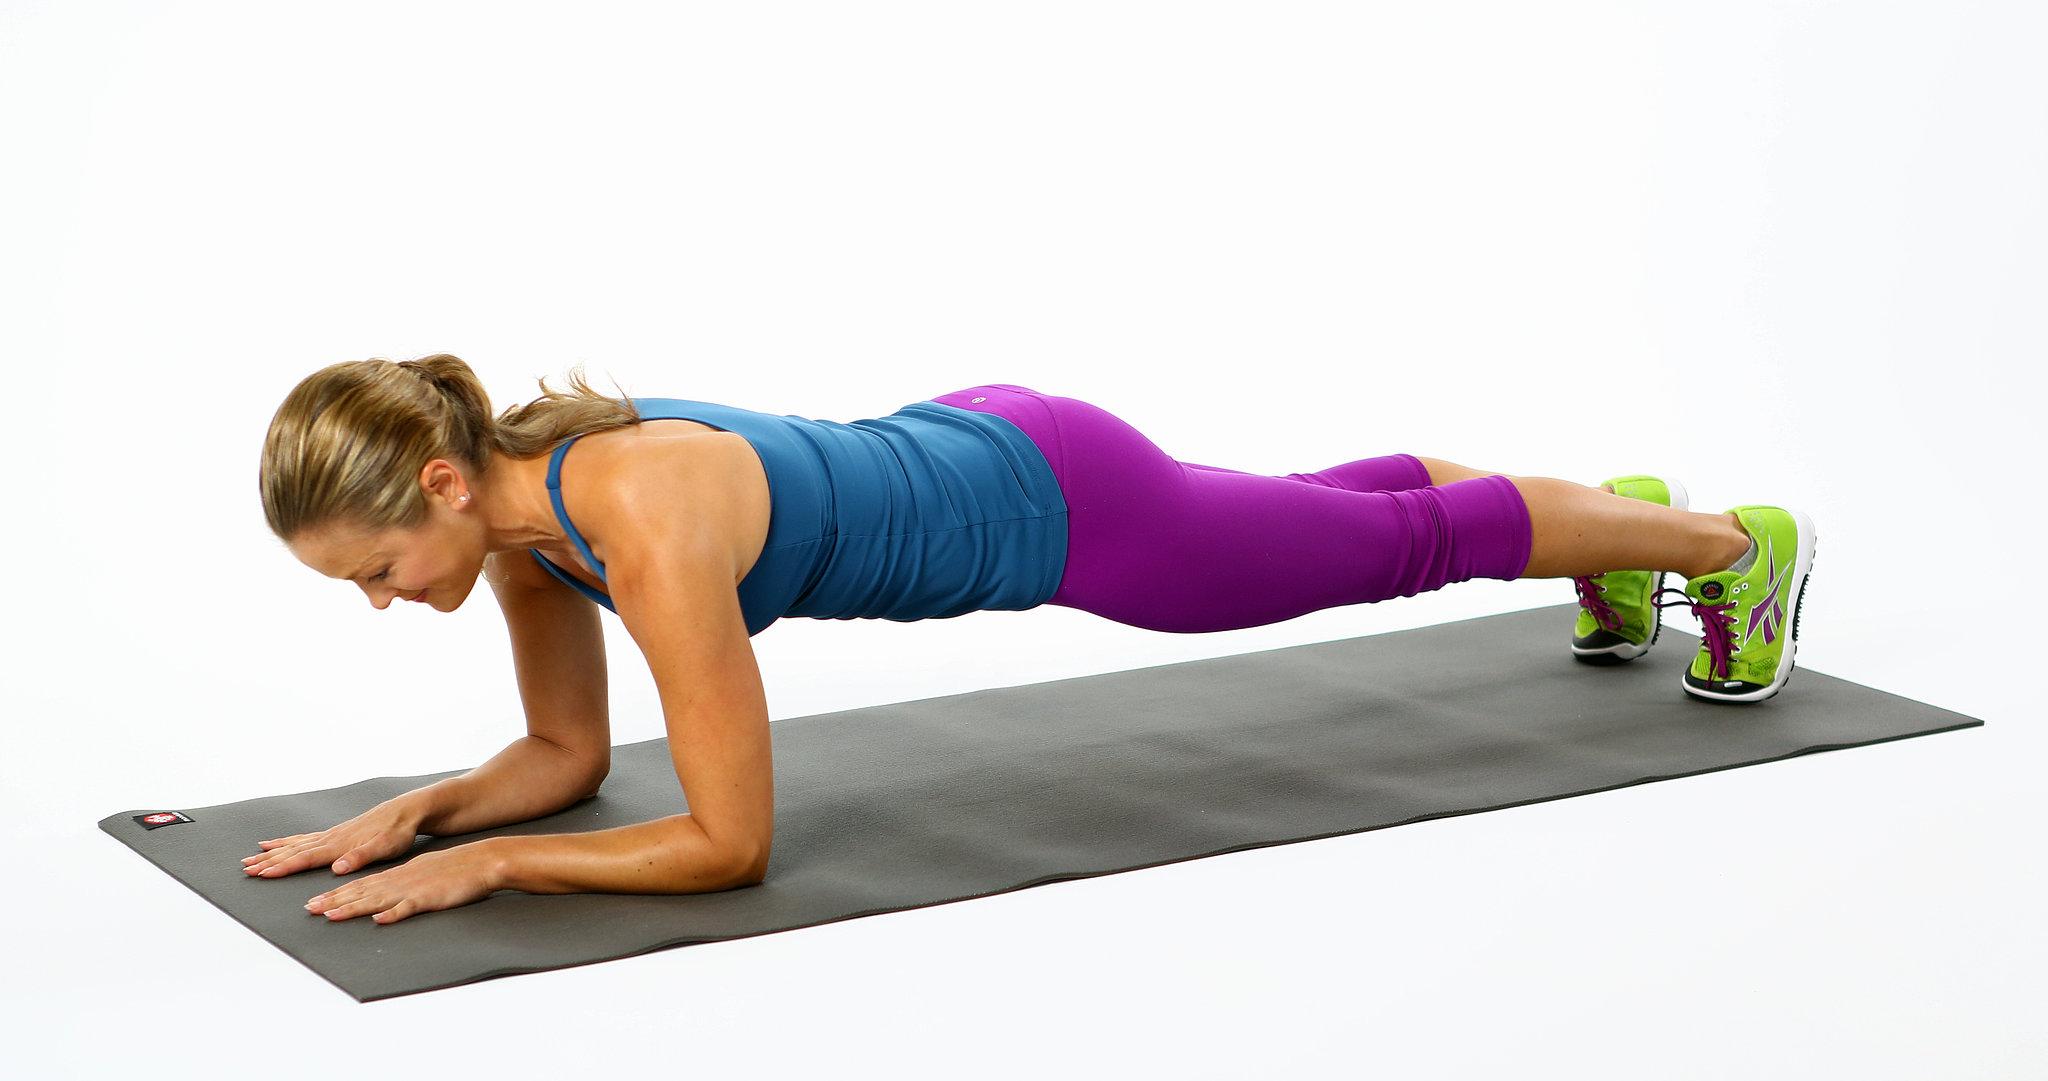 3-tu-the-plank-trong-yoga-giup-got-dang-hieu-qua-1(1)